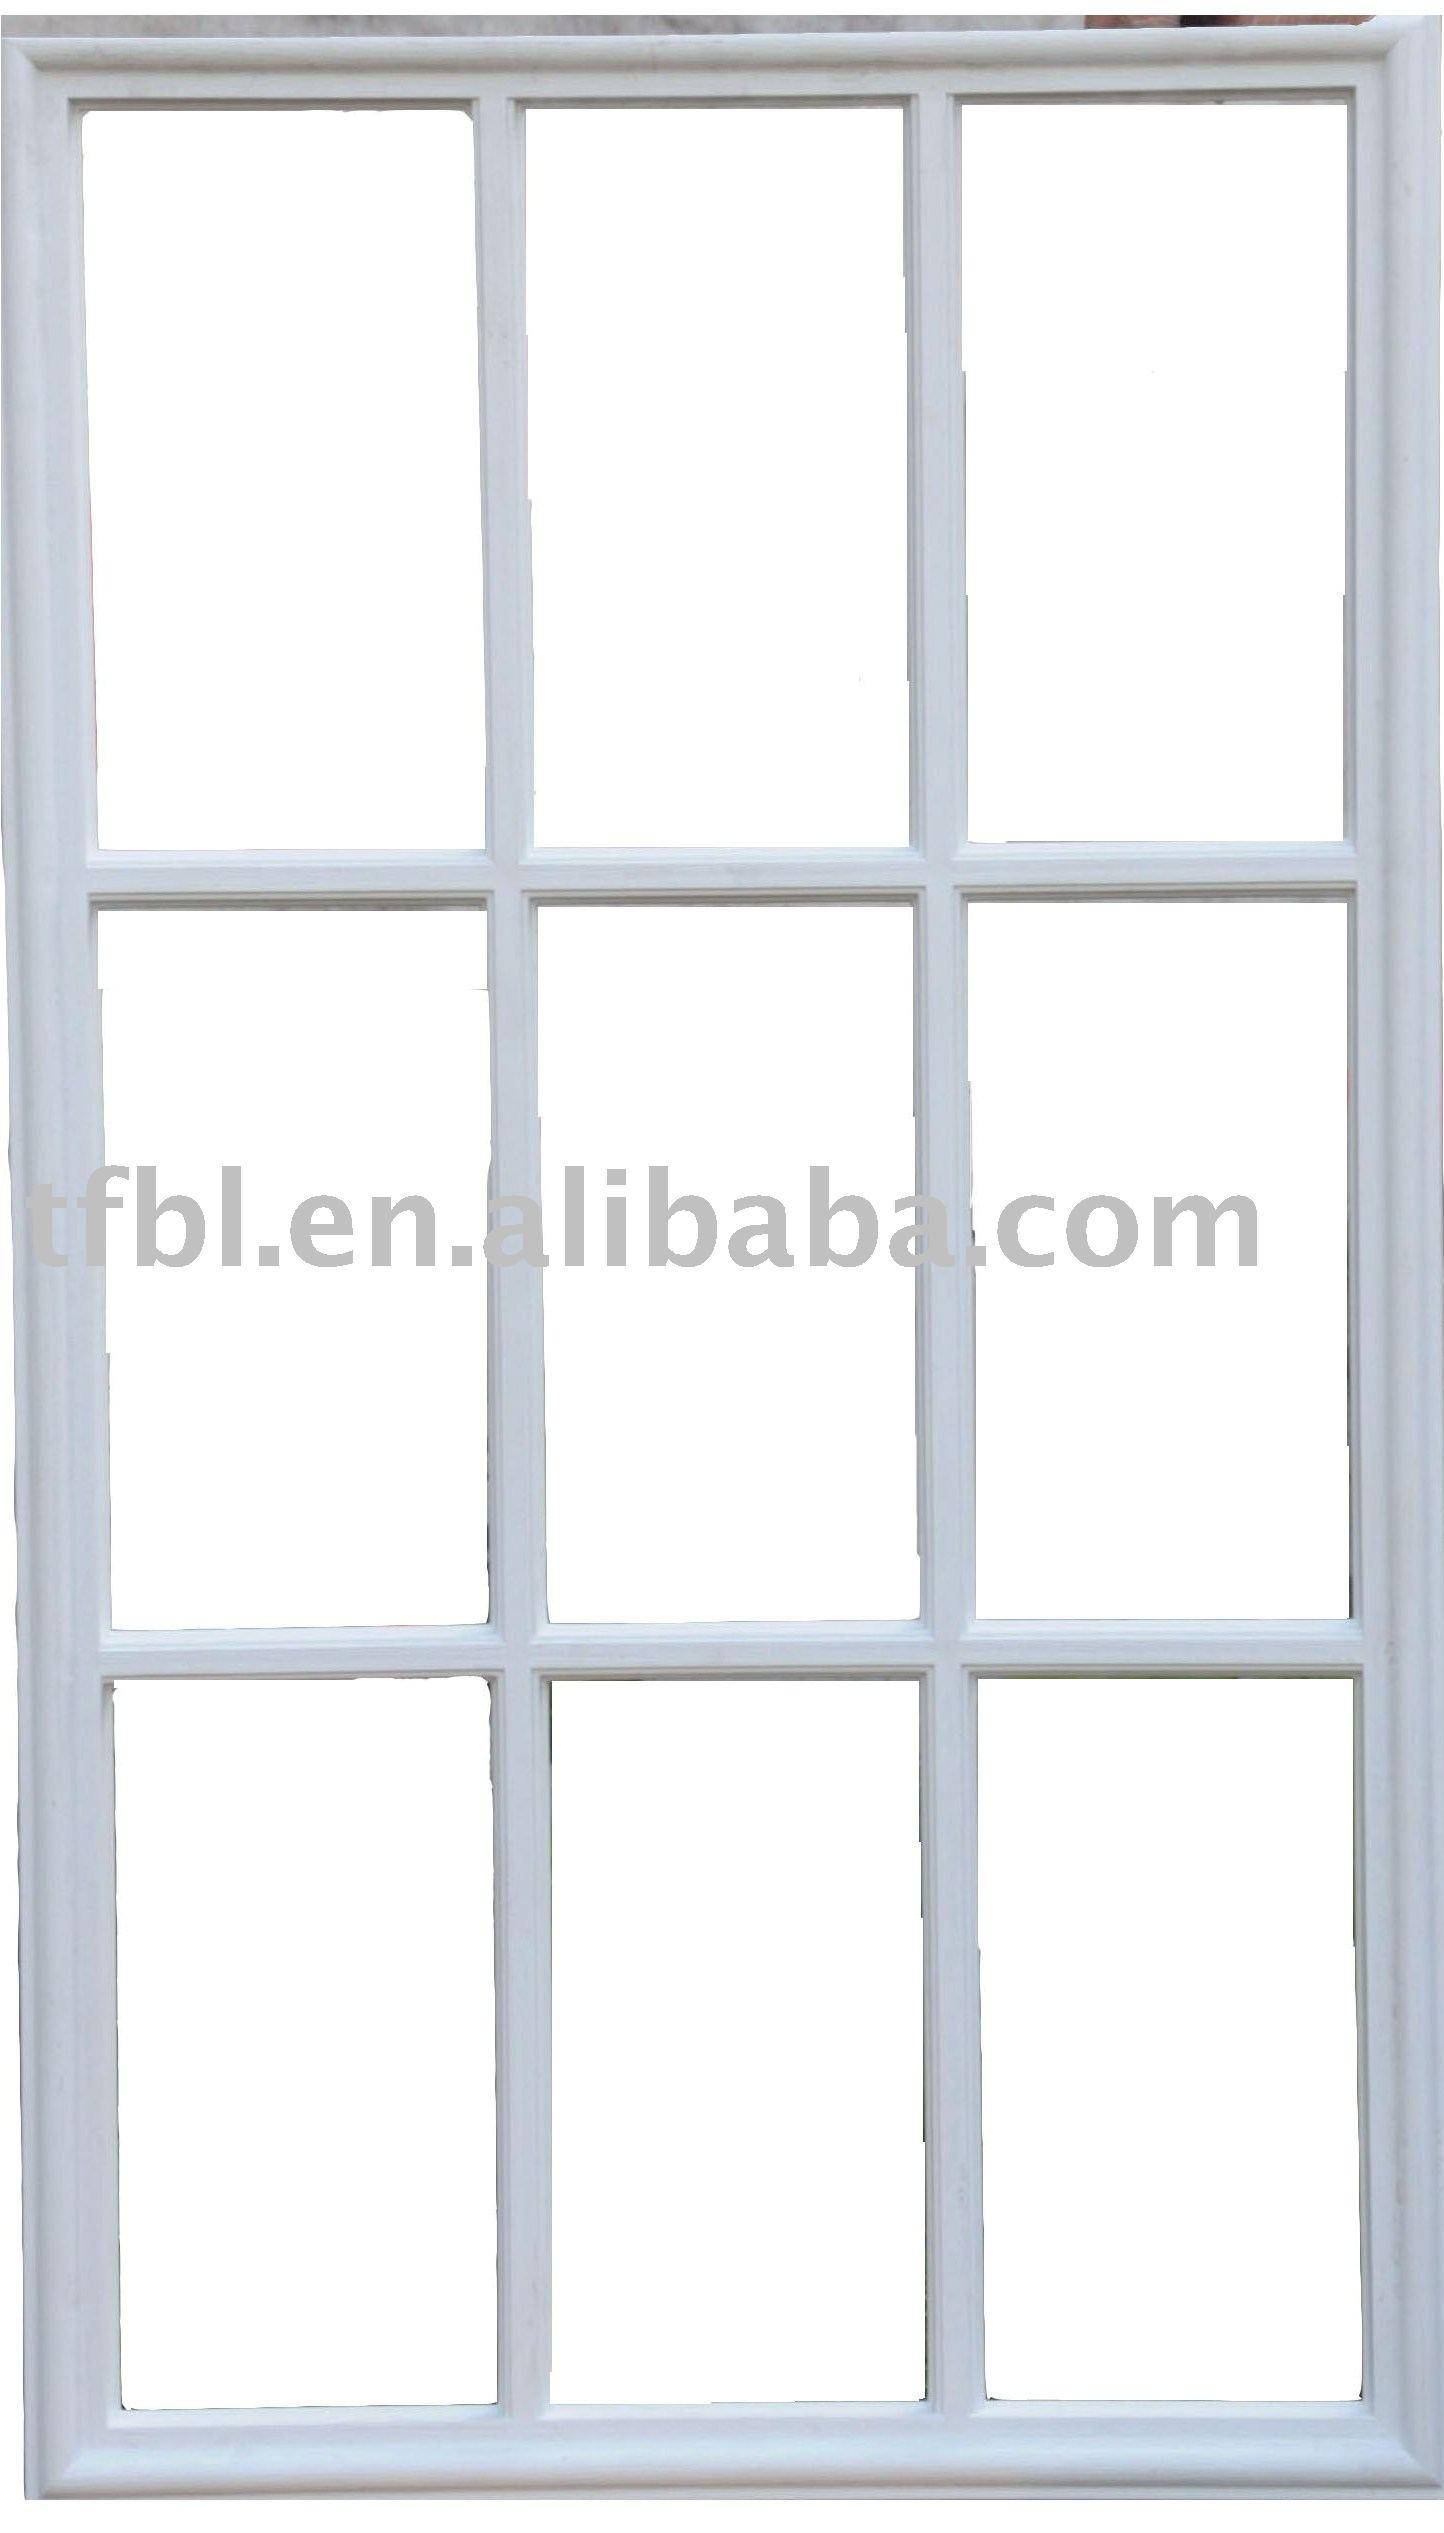 Plastic frame for door glass buy plastic frame for door for Door frame with side window